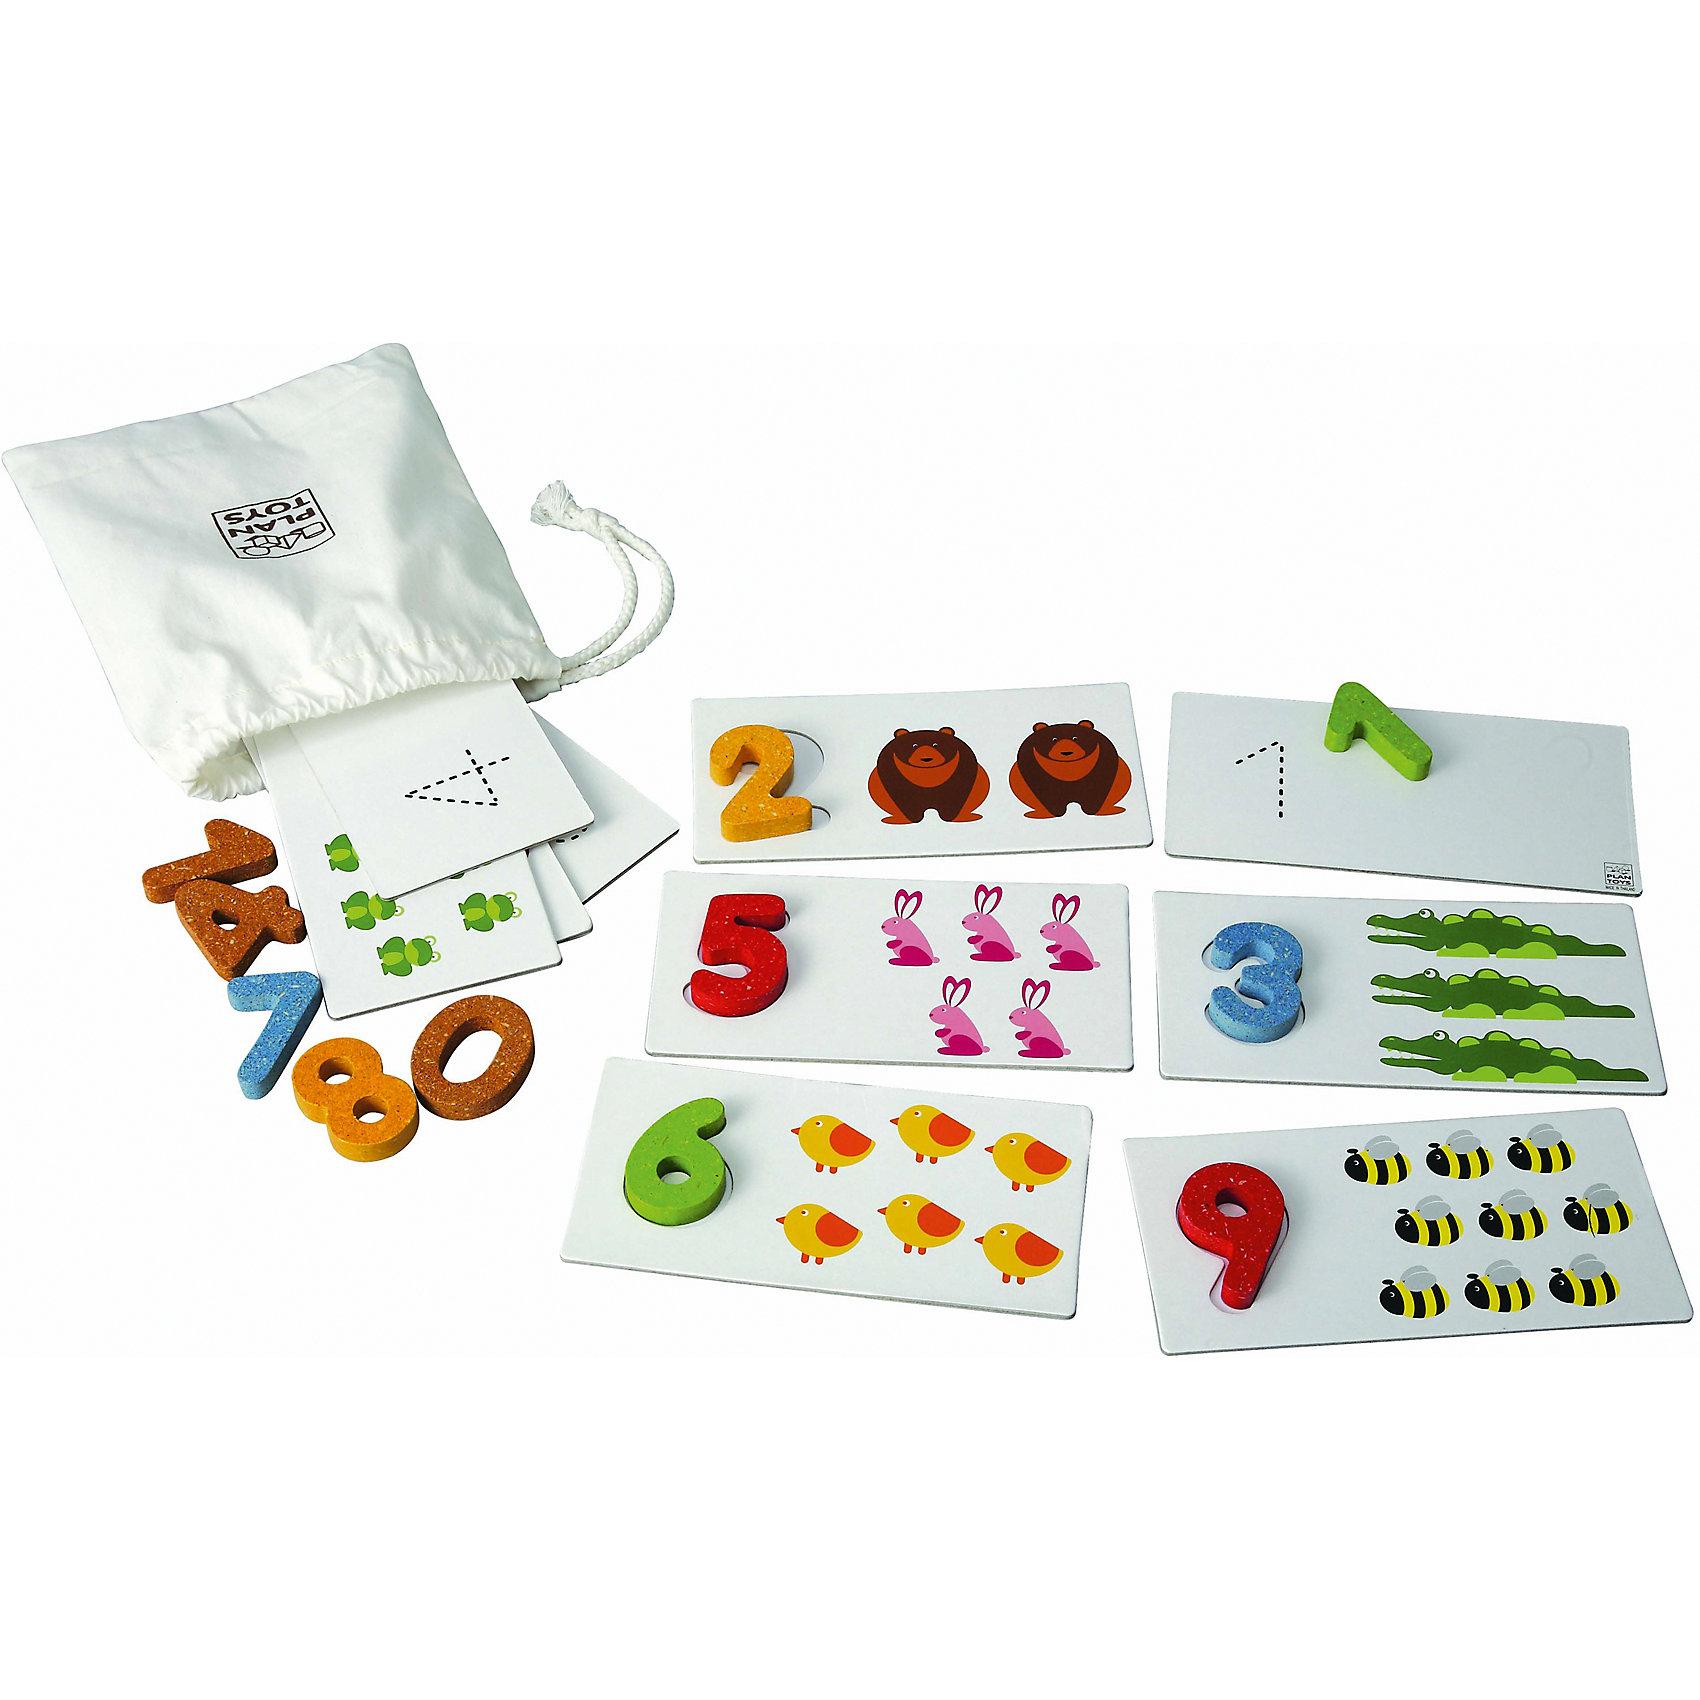 Игра Числа 1-10, Plan ToysРазвивающие игры<br>Игра Числа активируют логическое мышление, и учит детей основным навыкам счета. Игра состоит из деревянных чисел и карточек с изображением животных, на обратной стороне которых пунктиром обозначено их количество, чтобы дети могли научиться писать цифры. Фигурки с цифрами имеют удобный размер, чтобы ребенок смог правильно разложить их по карточкам. Взрослые могут играть в эту игру с детьми, чтобы помочь малышам найти правильный номер.<br><br>Дополнительная информация:<br><br>-Размер игры: 17.0 х 8.5 см<br>-Материал: дерево<br>-Размер упаковки: 18.8 x 5.7 x 18.8 см<br><br>Игру Числа 1-10, Plan Toys можно купить в нашем интернет-магазине.<br><br>Ширина мм: 188<br>Глубина мм: 57<br>Высота мм: 19<br>Вес г: 400<br>Возраст от месяцев: 36<br>Возраст до месяцев: 1188<br>Пол: Унисекс<br>Возраст: Детский<br>SKU: 4862354